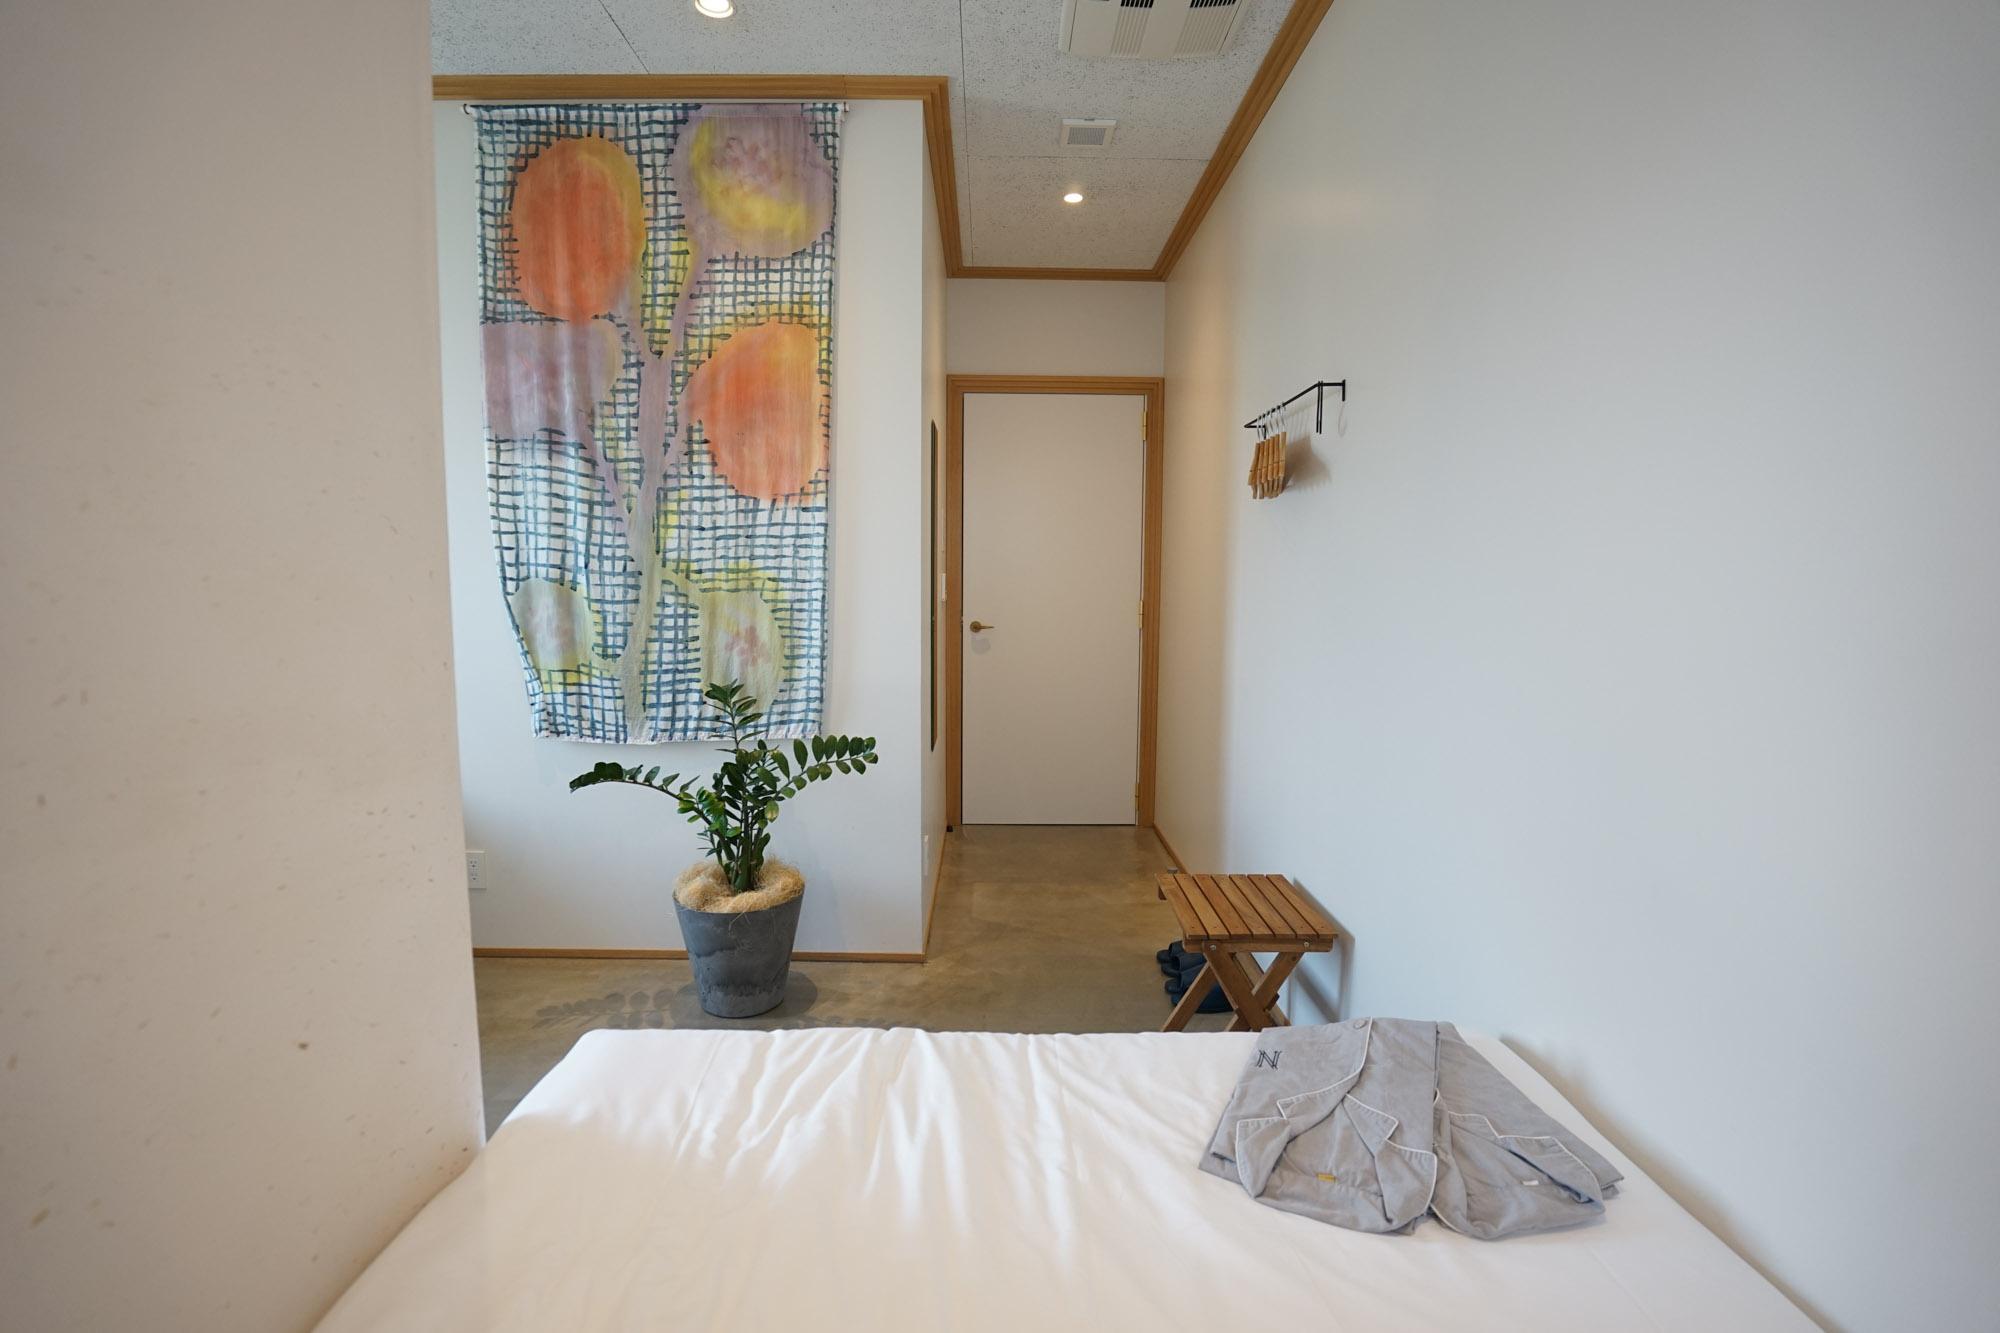 ベッド側からの景色はこちら。壁にかけられたクロスなど、インテリアもめいっぱい可愛くて、テンションが上がります。